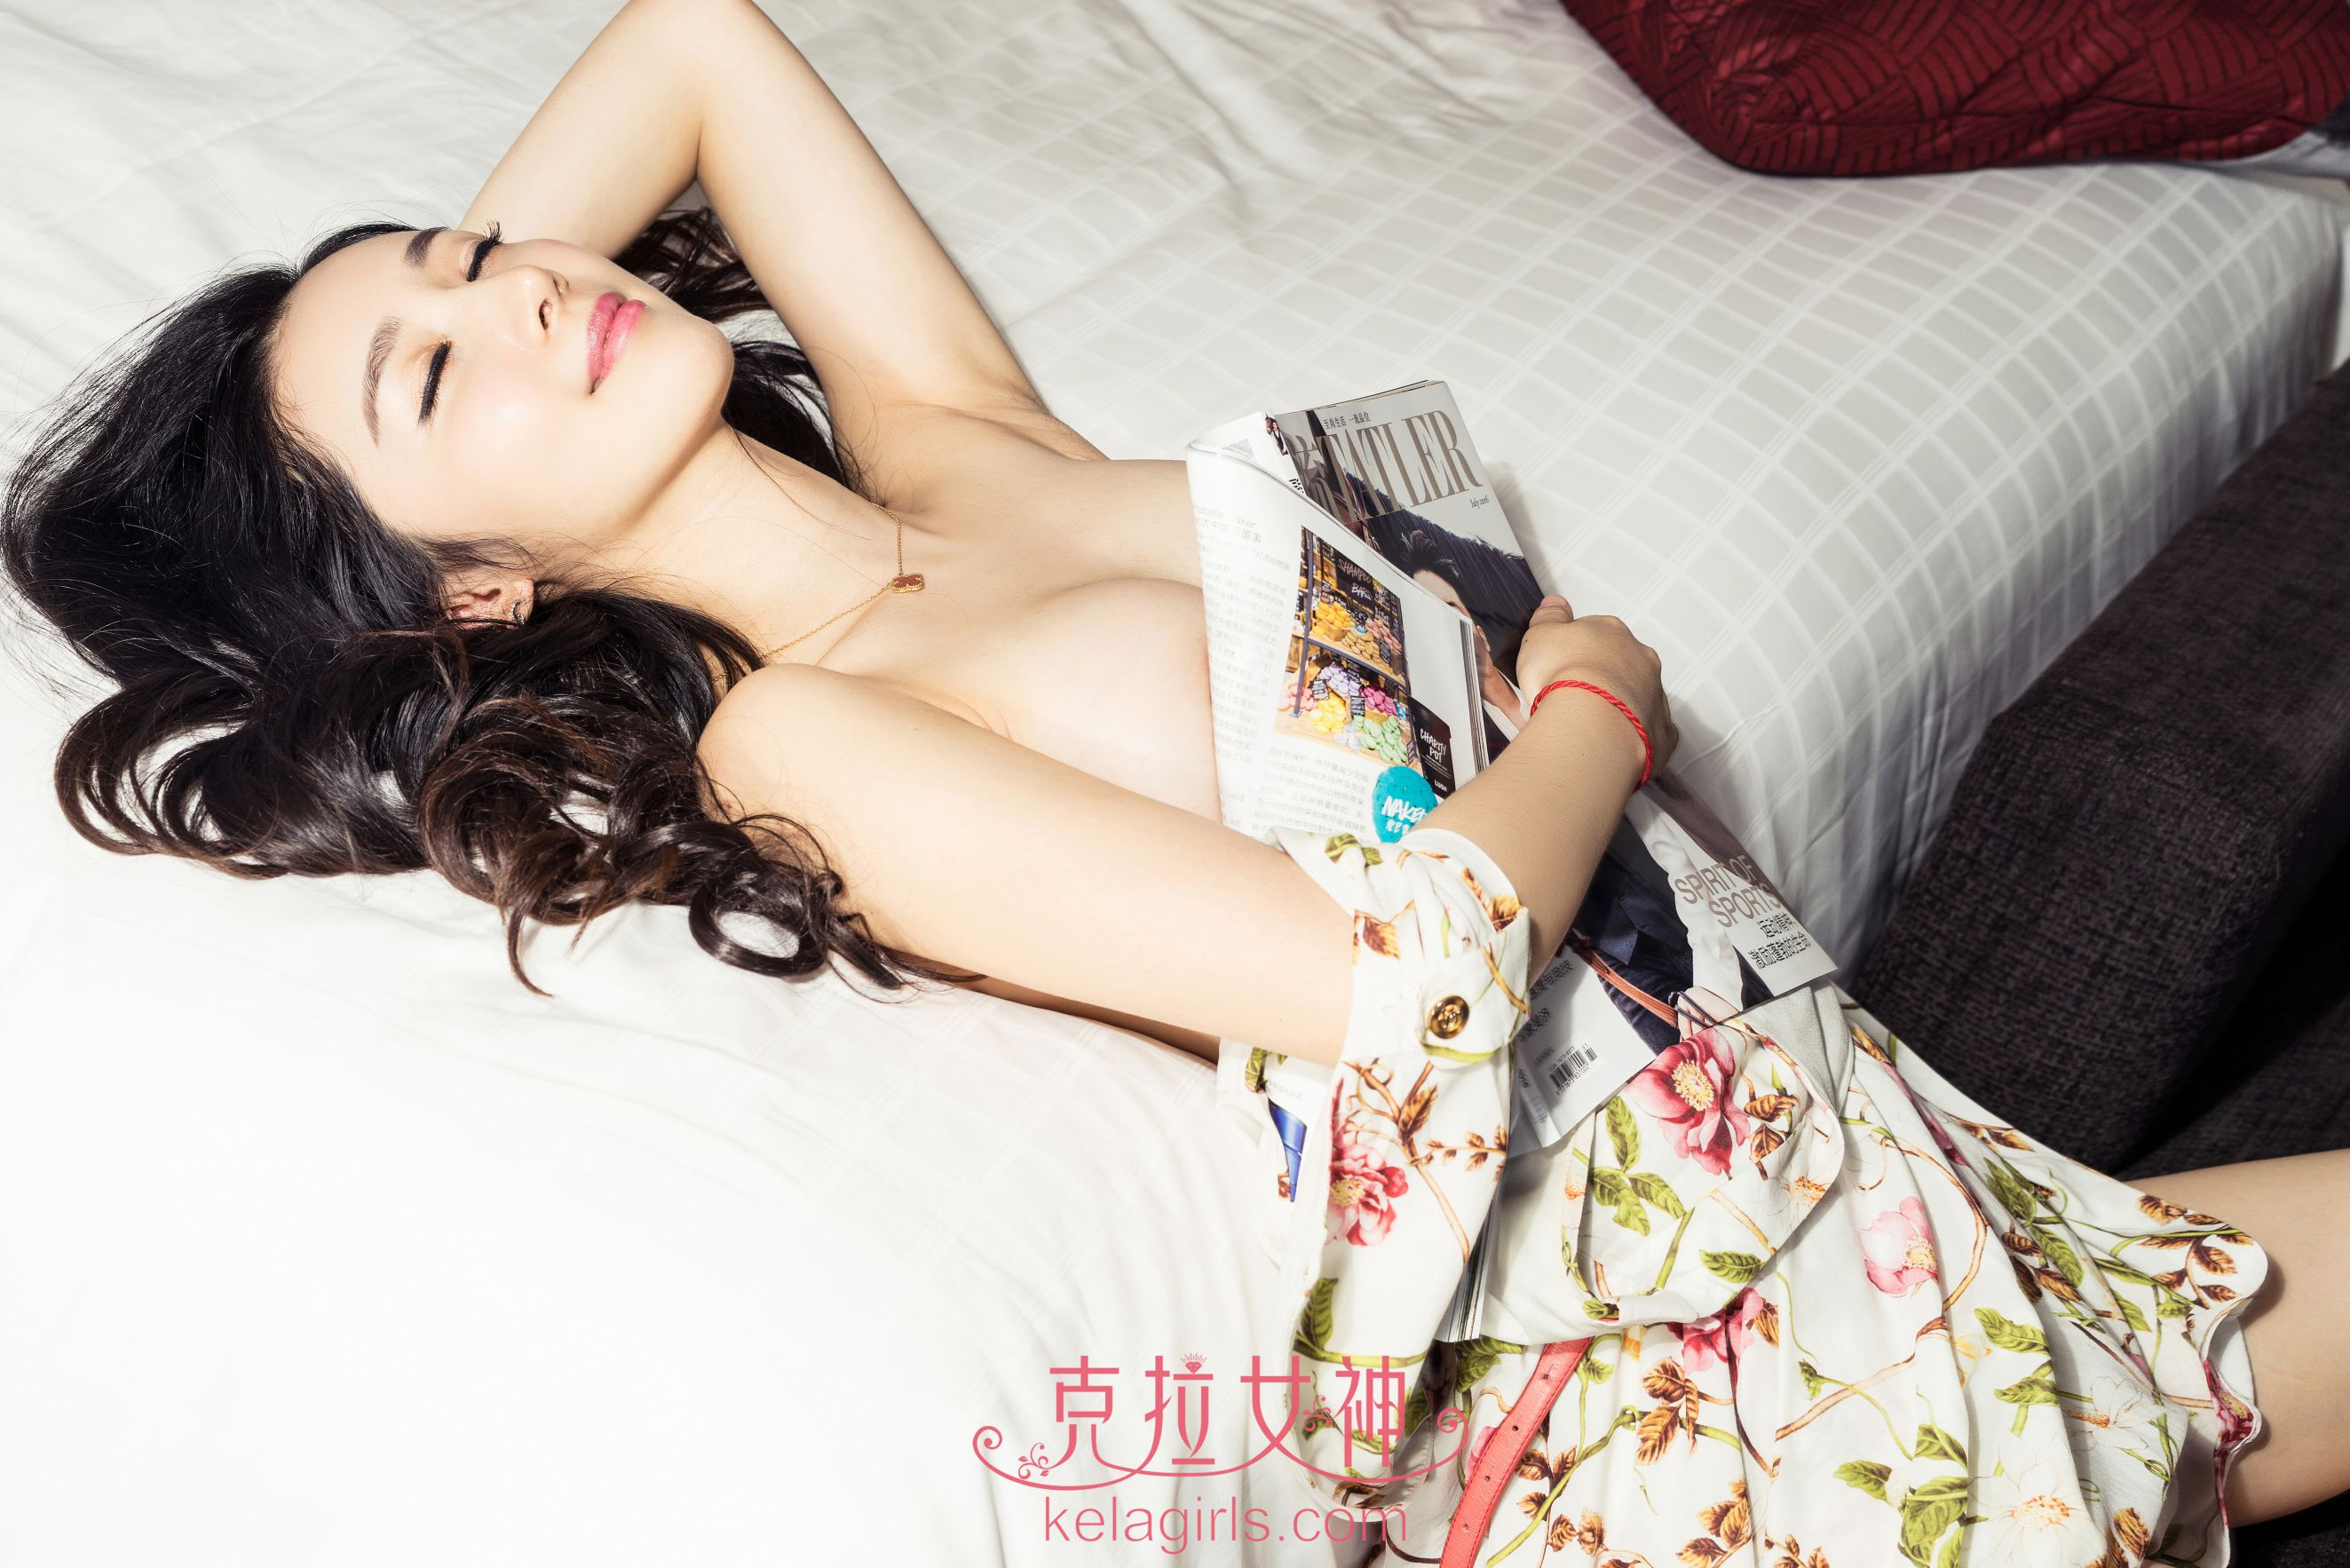 高子琁 - 春光乍泄 写真图片